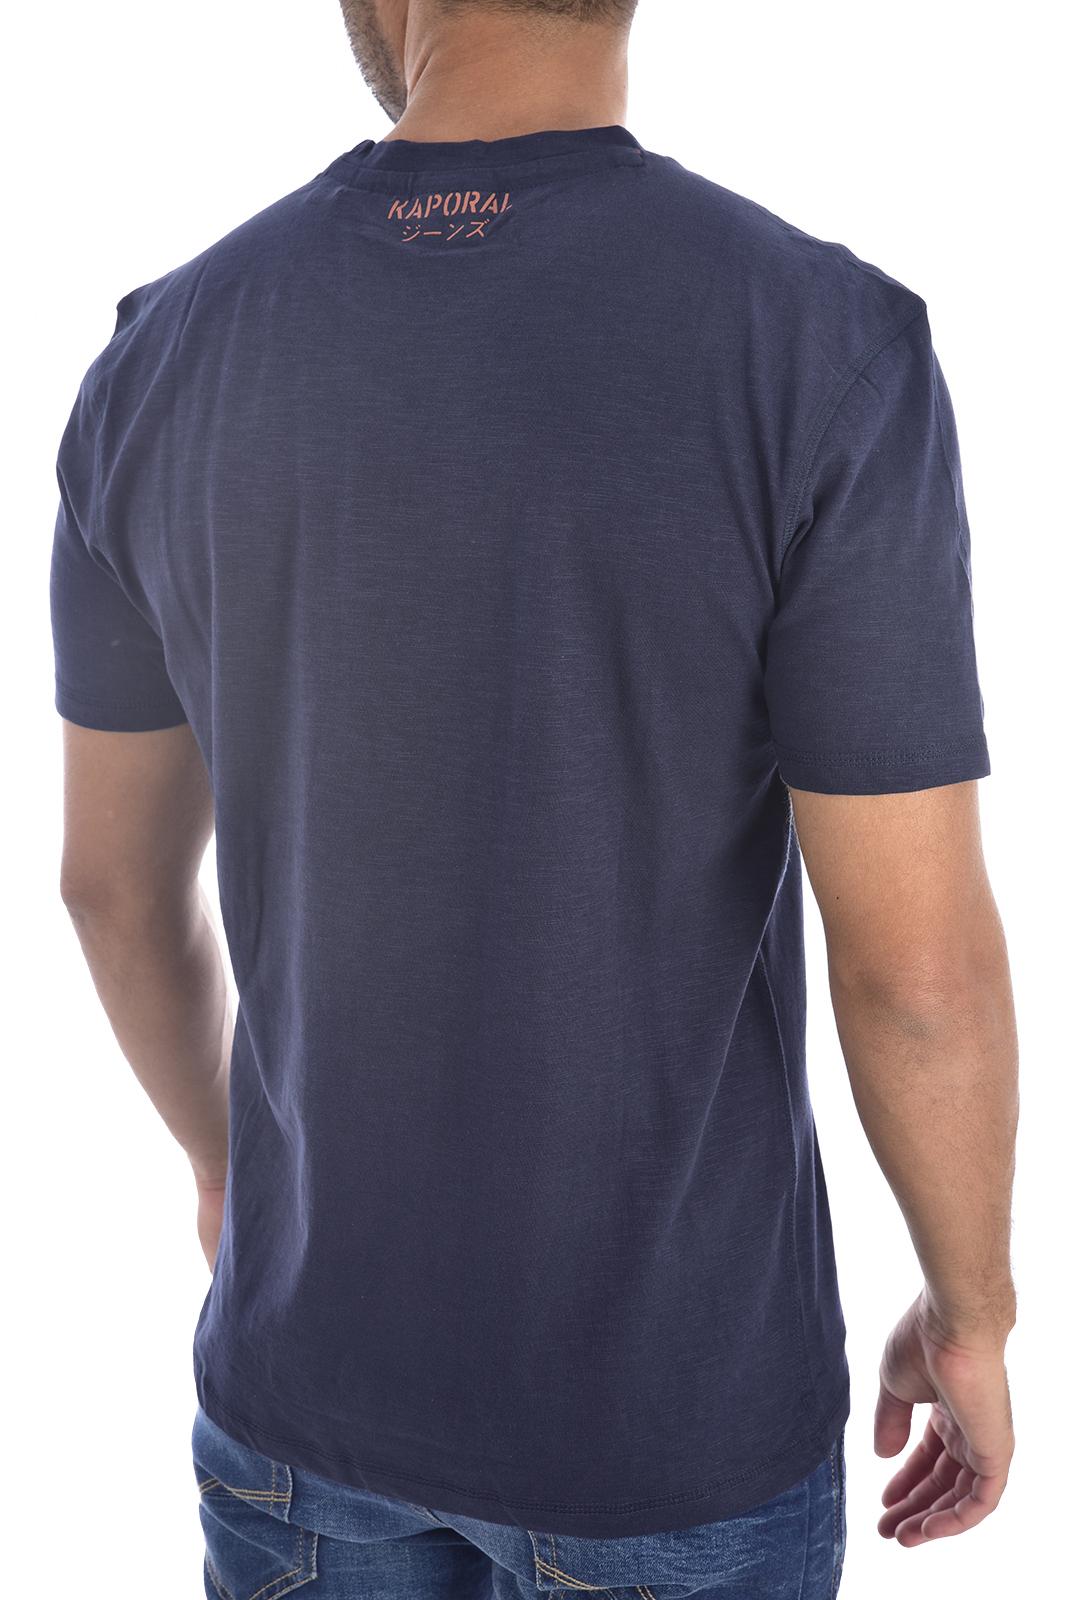 Tee-shirts  Kaporal ORZO NAVY